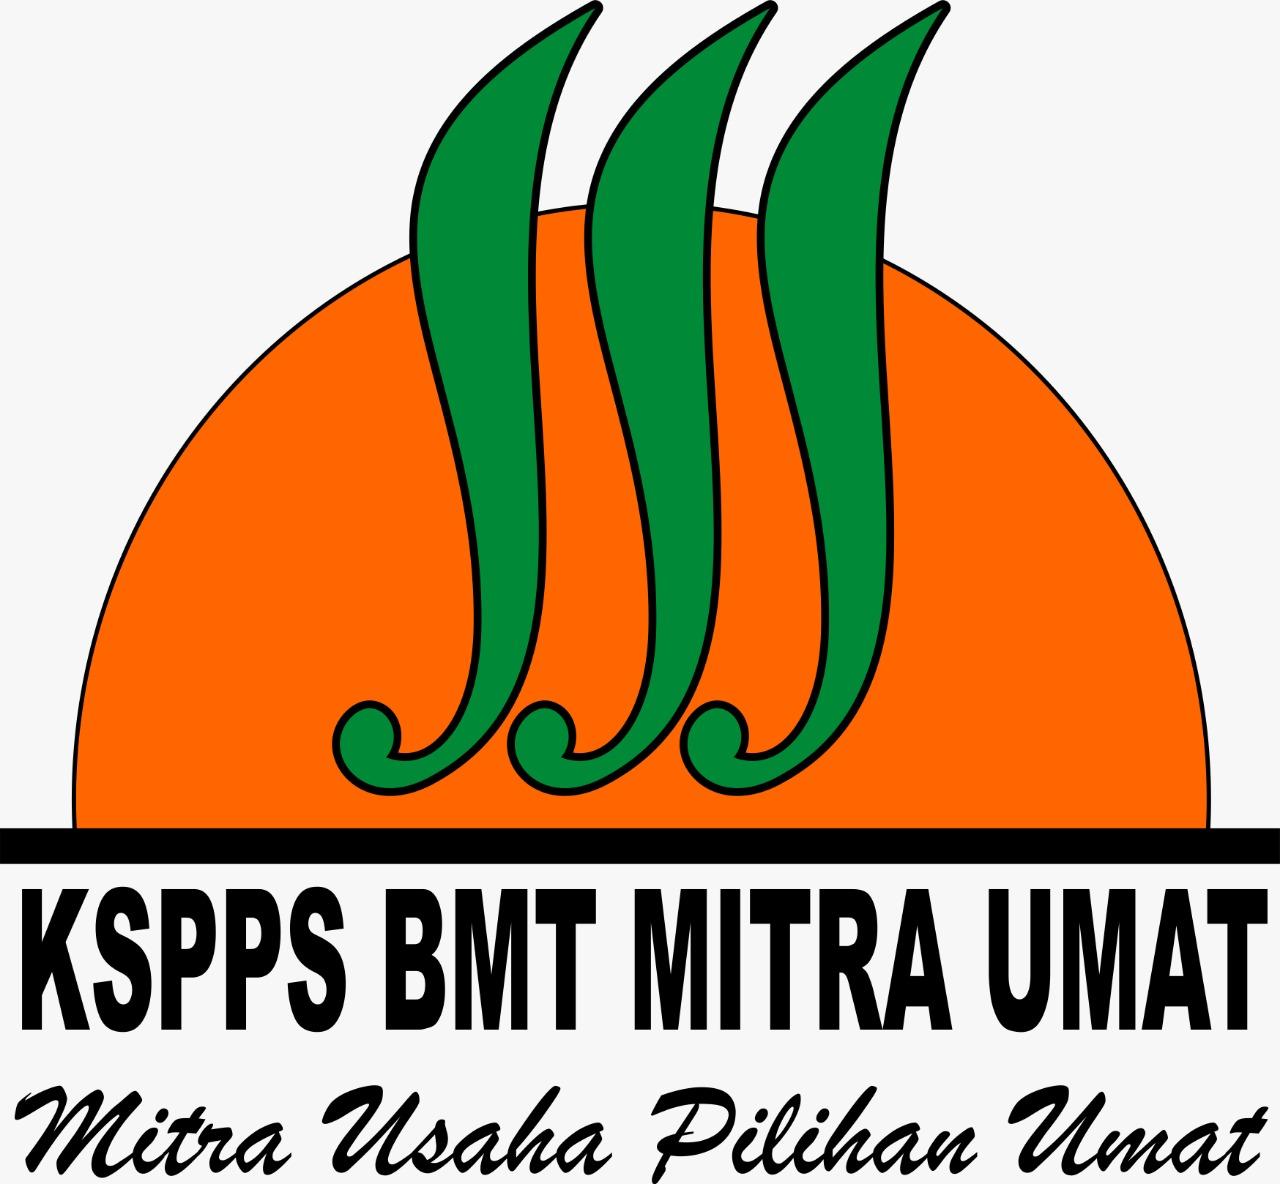 KSPPS Mitra Umat Pekalongan